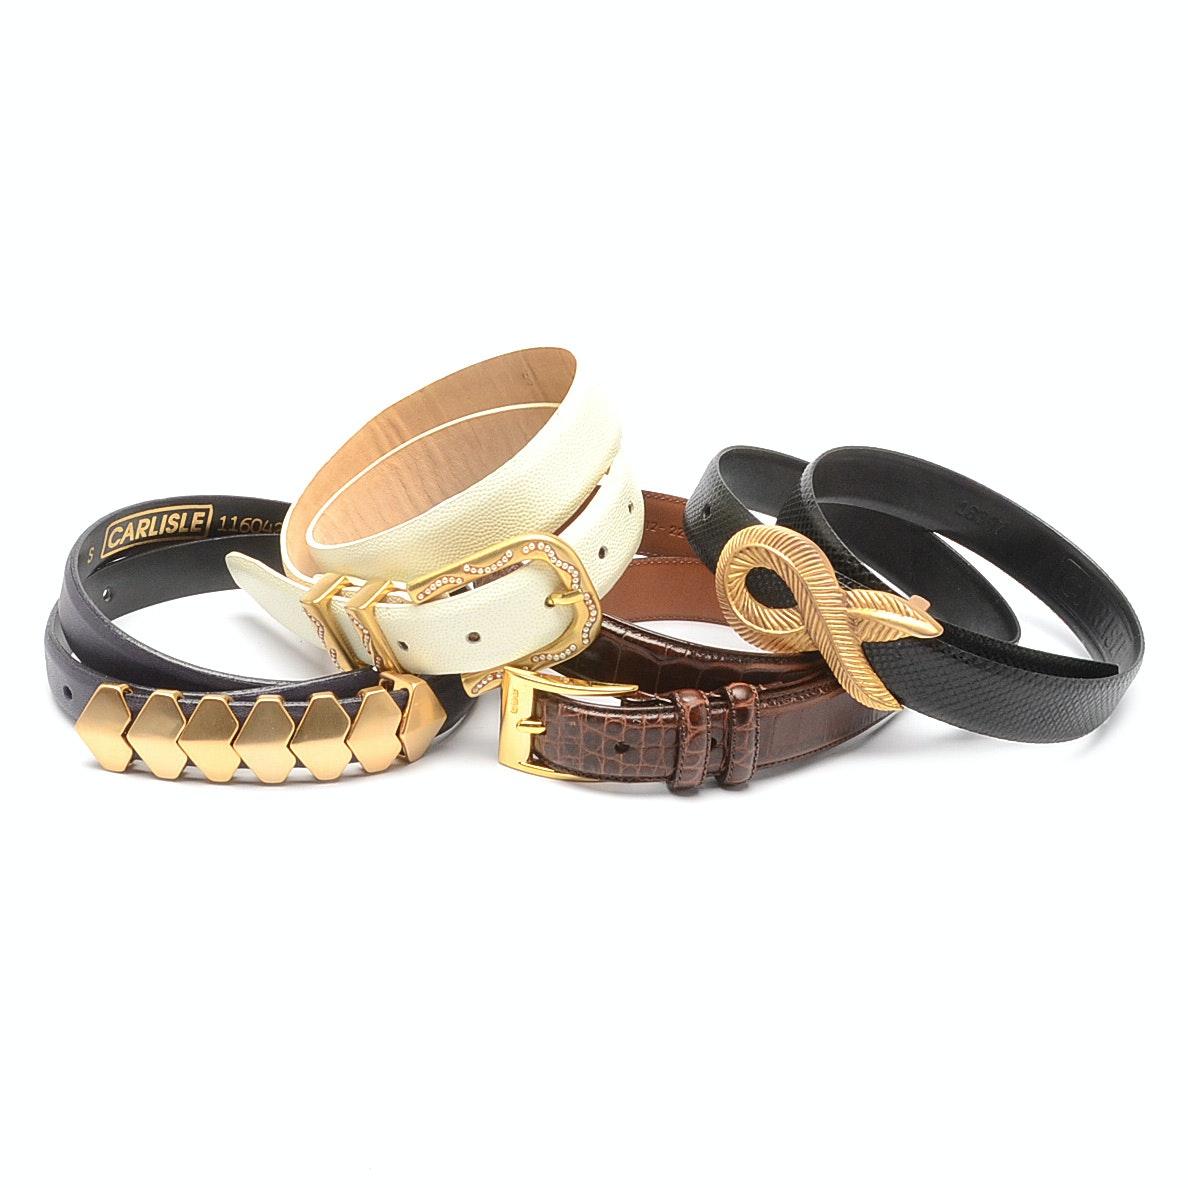 Assorted Belts including Ralph Lauren